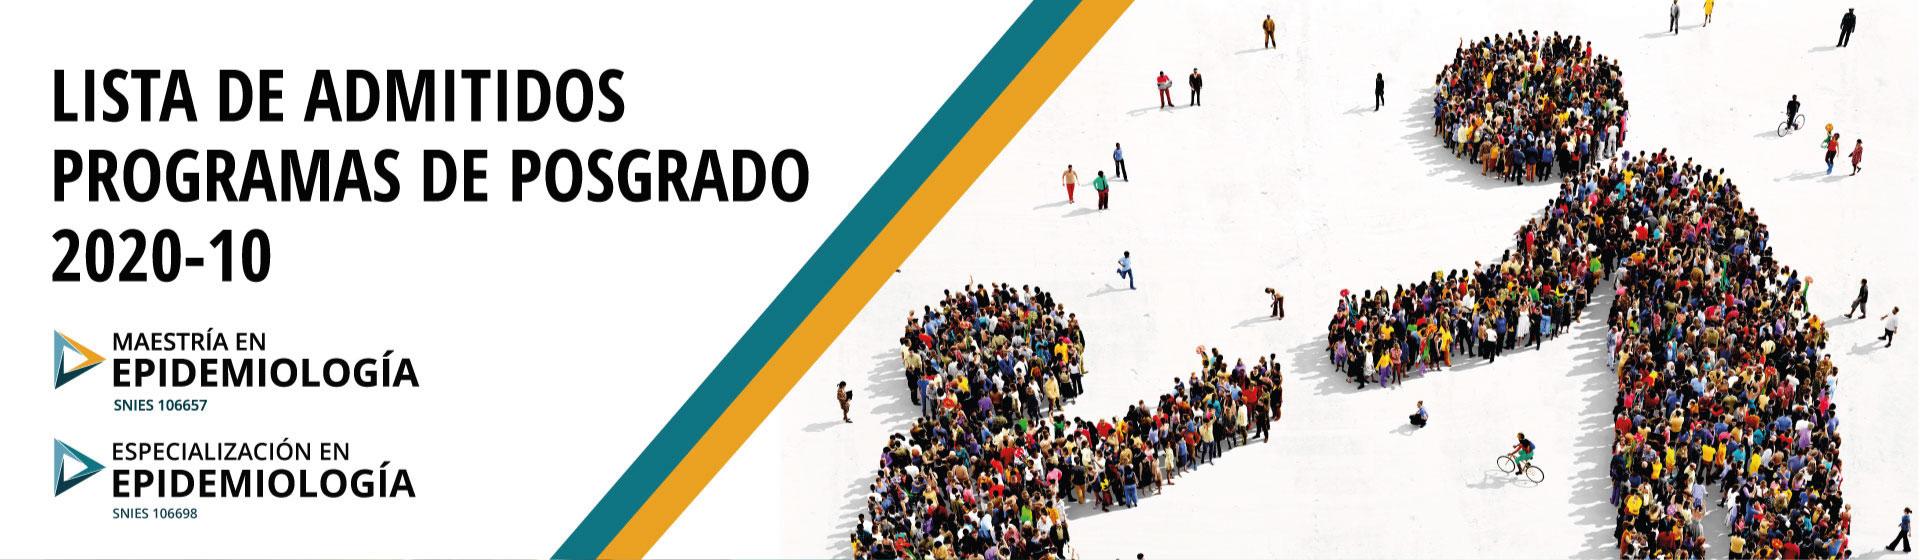 Admitidos programas de posgrado en epidemiología 202010